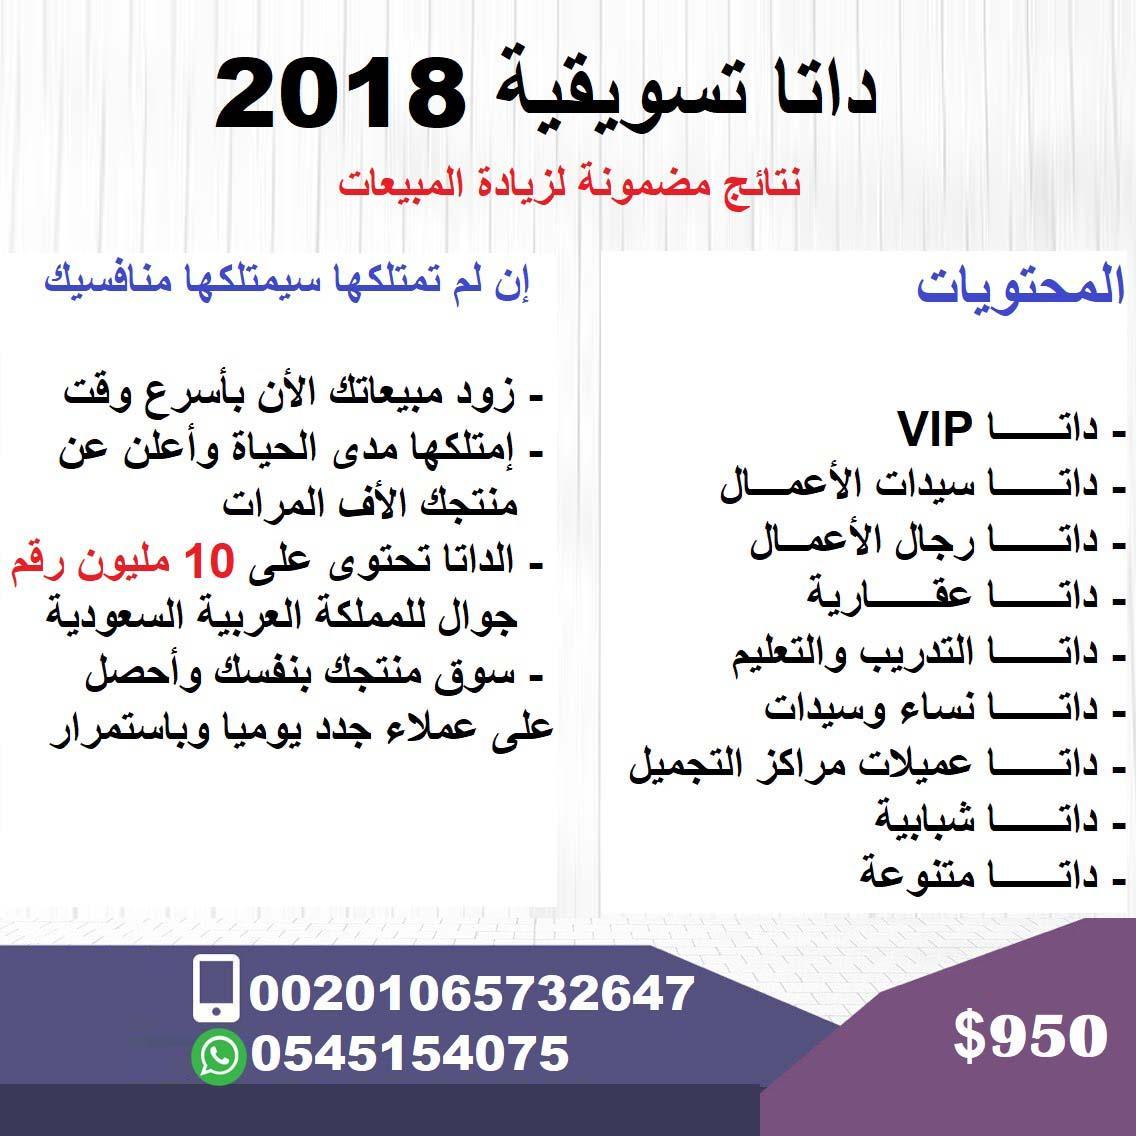 داتا ارقام جوالات سعودية 00201065732647